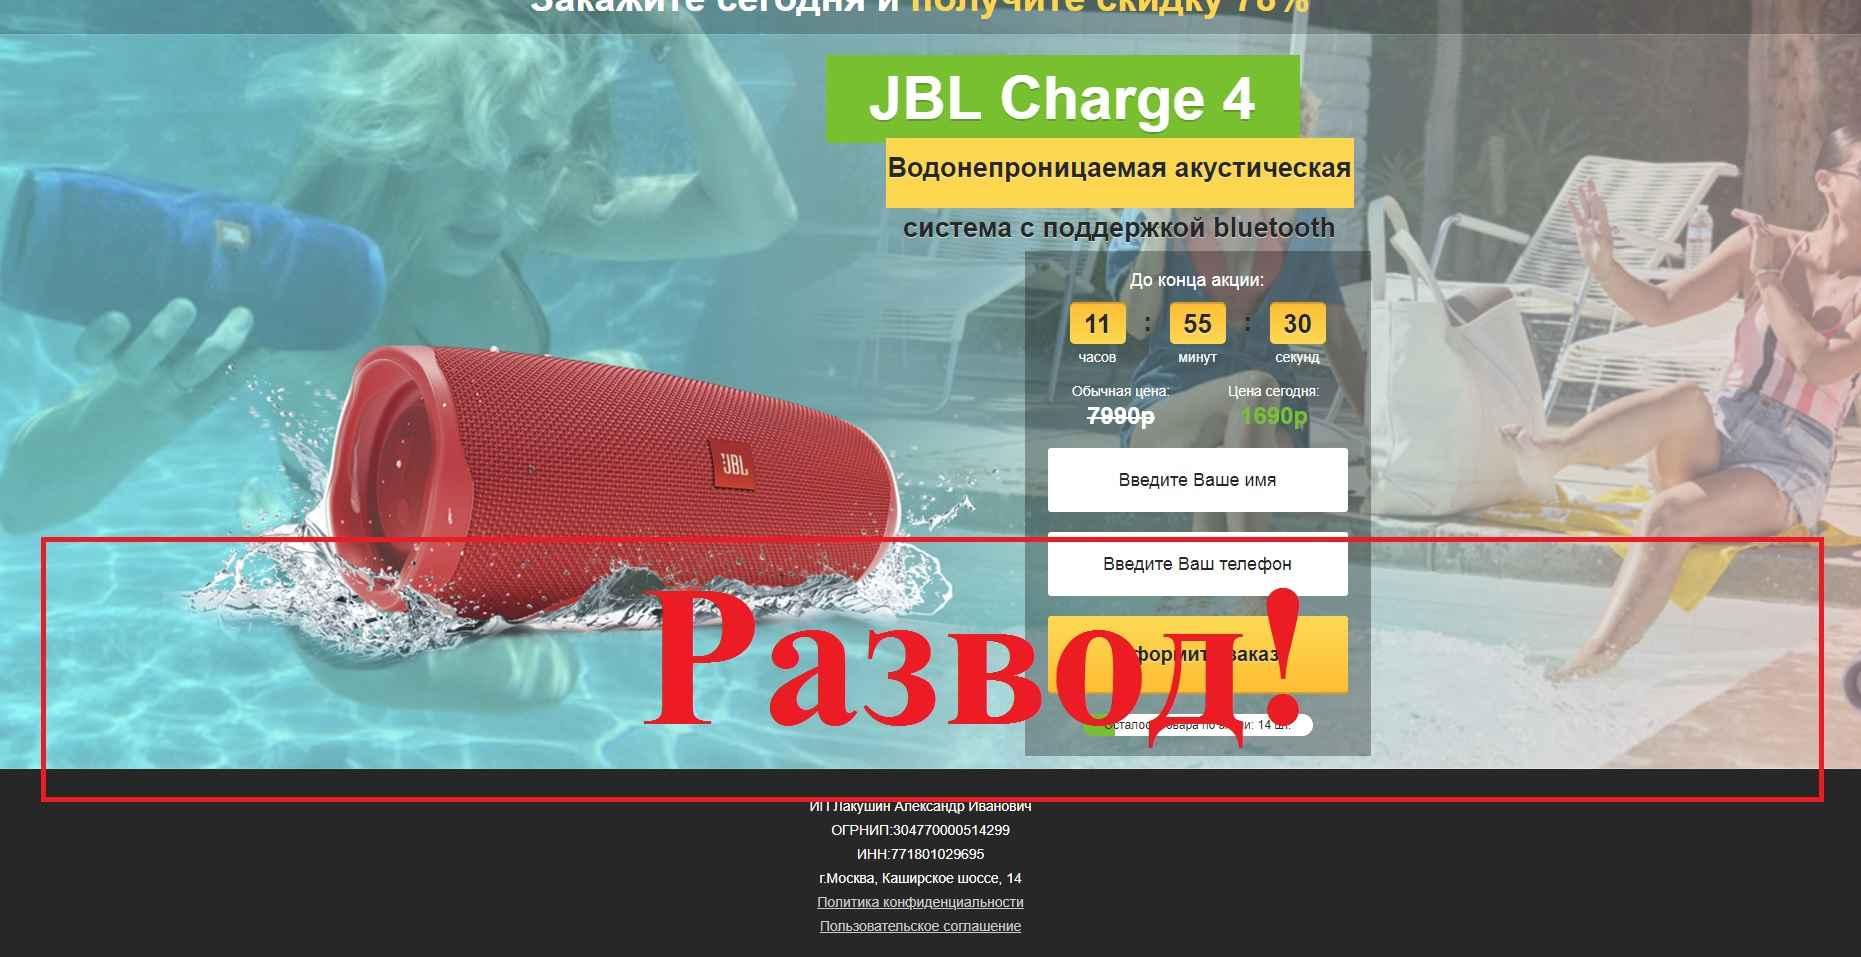 JBL Charge 4 по скидке – отзывы о подделке